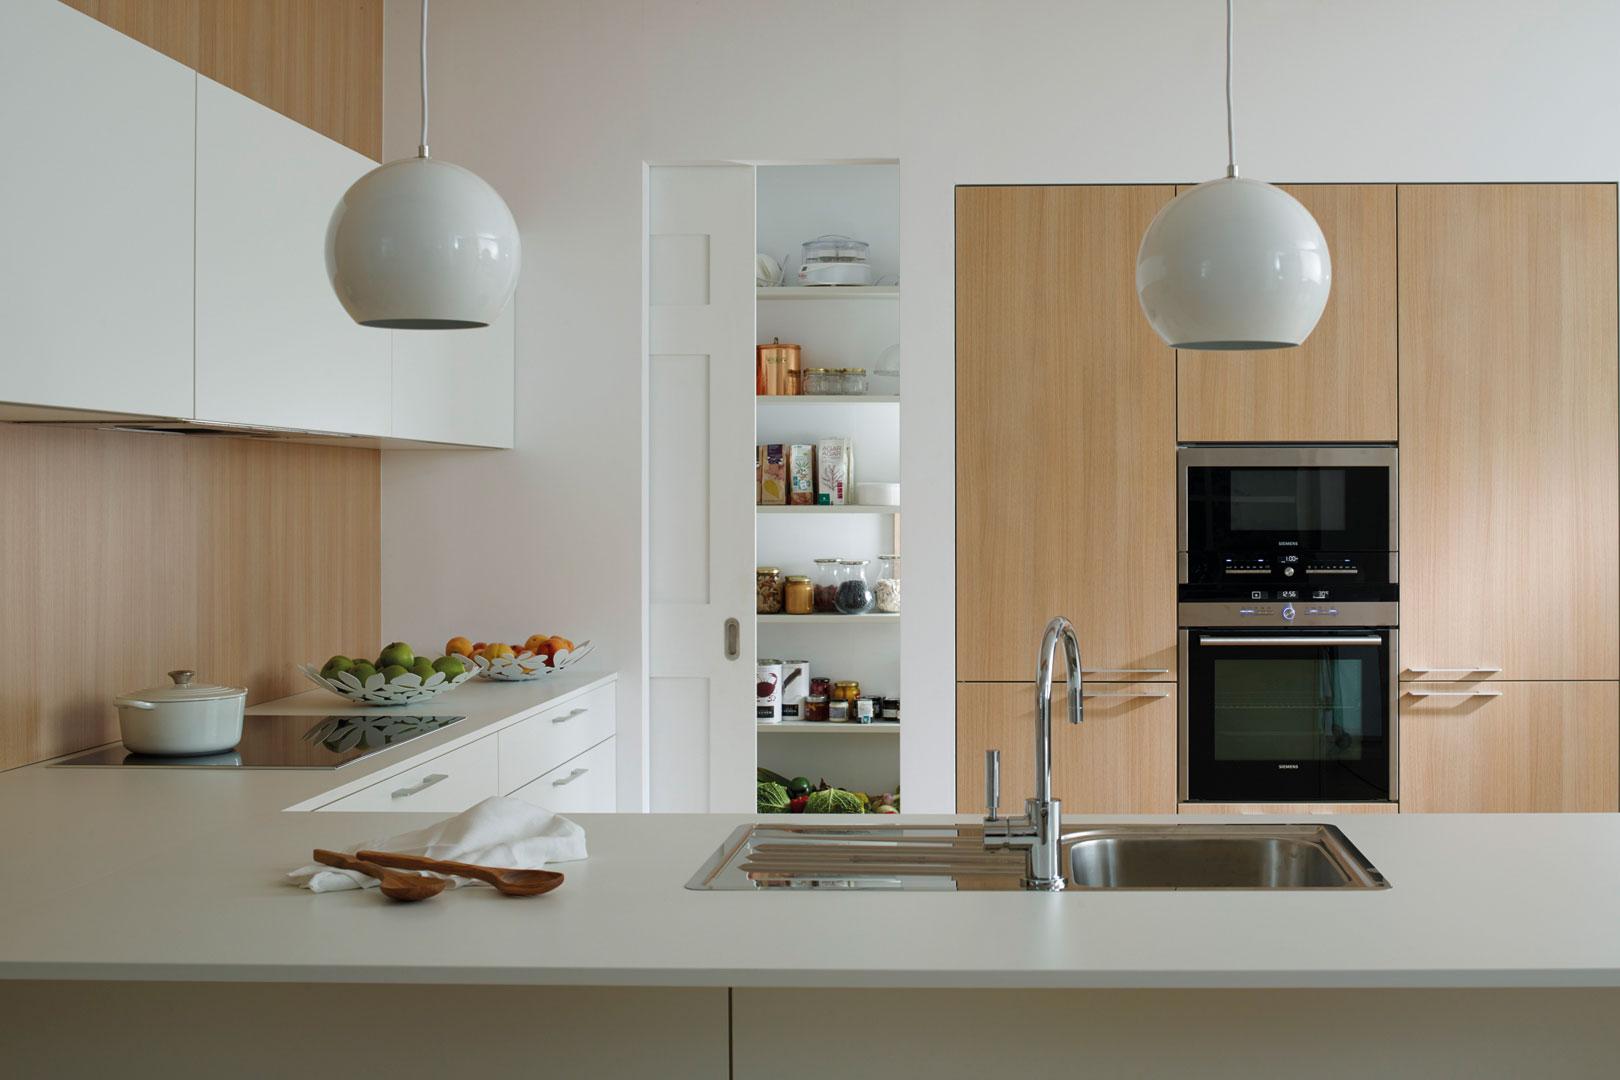 Cocina en dos colores: madera y blanco